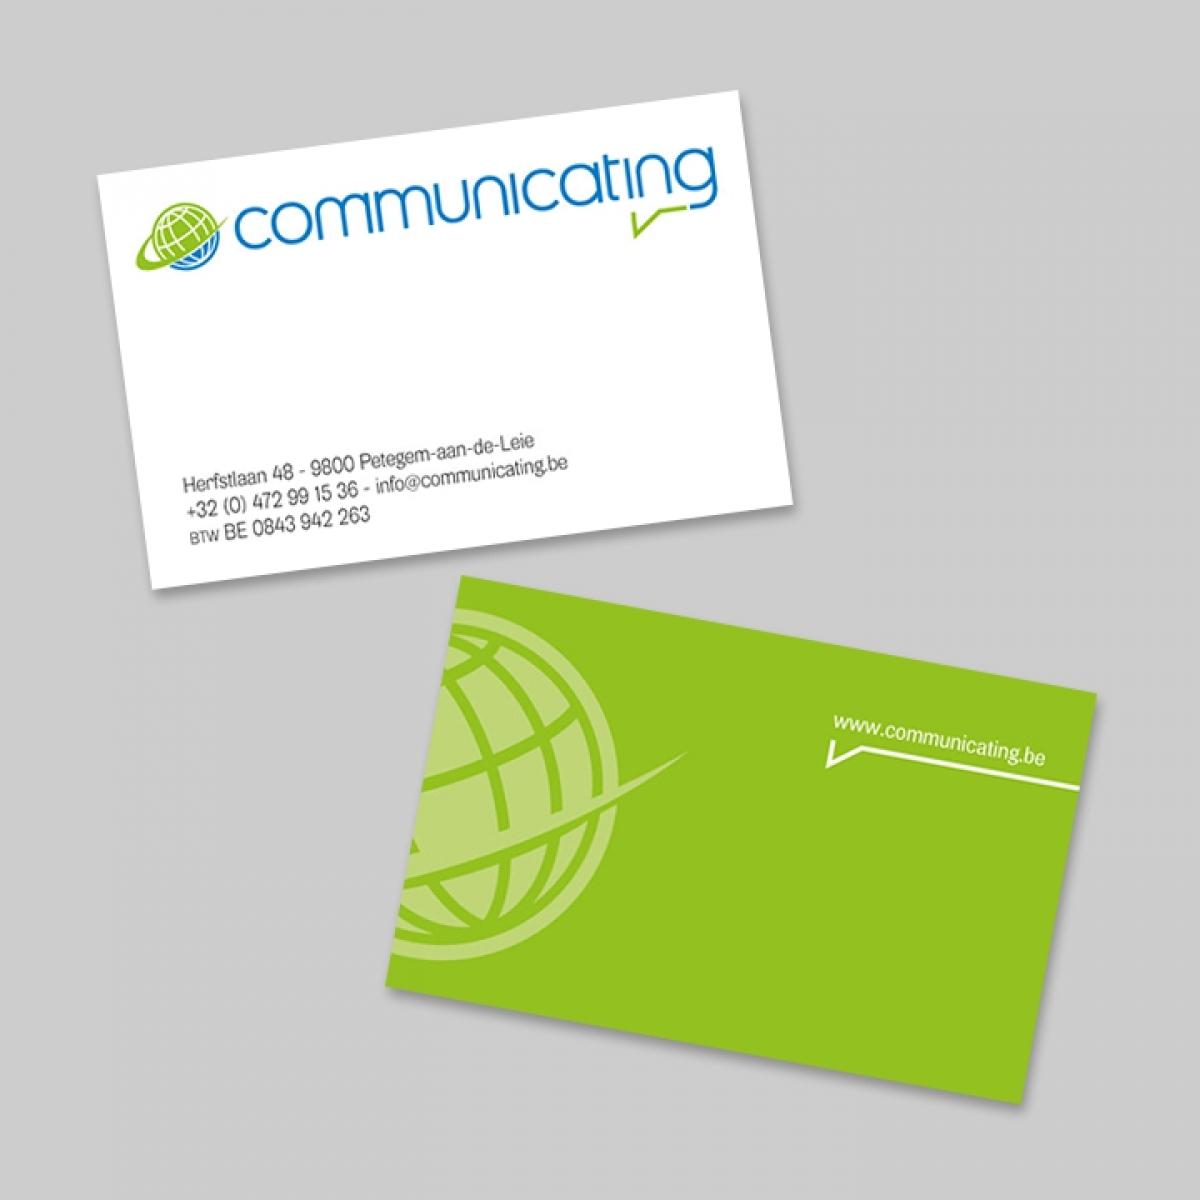 Visitekaarten: Communicating